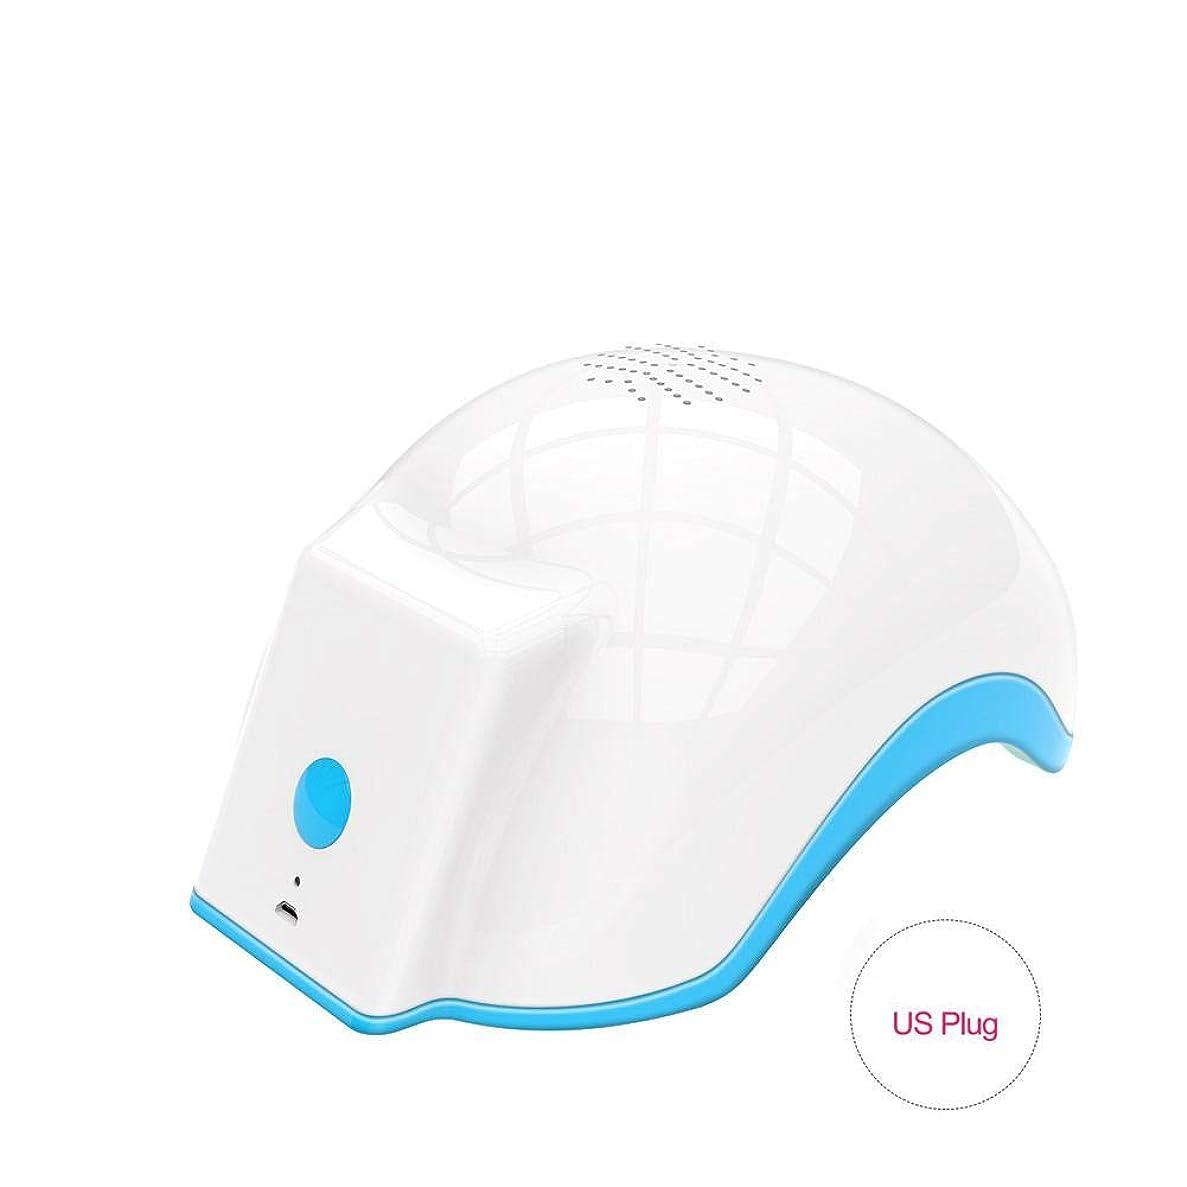 ユーモラス印をつける上へヘアトリートメント、100-240v脱毛治療法脱毛症ヘルペス(US Plug)